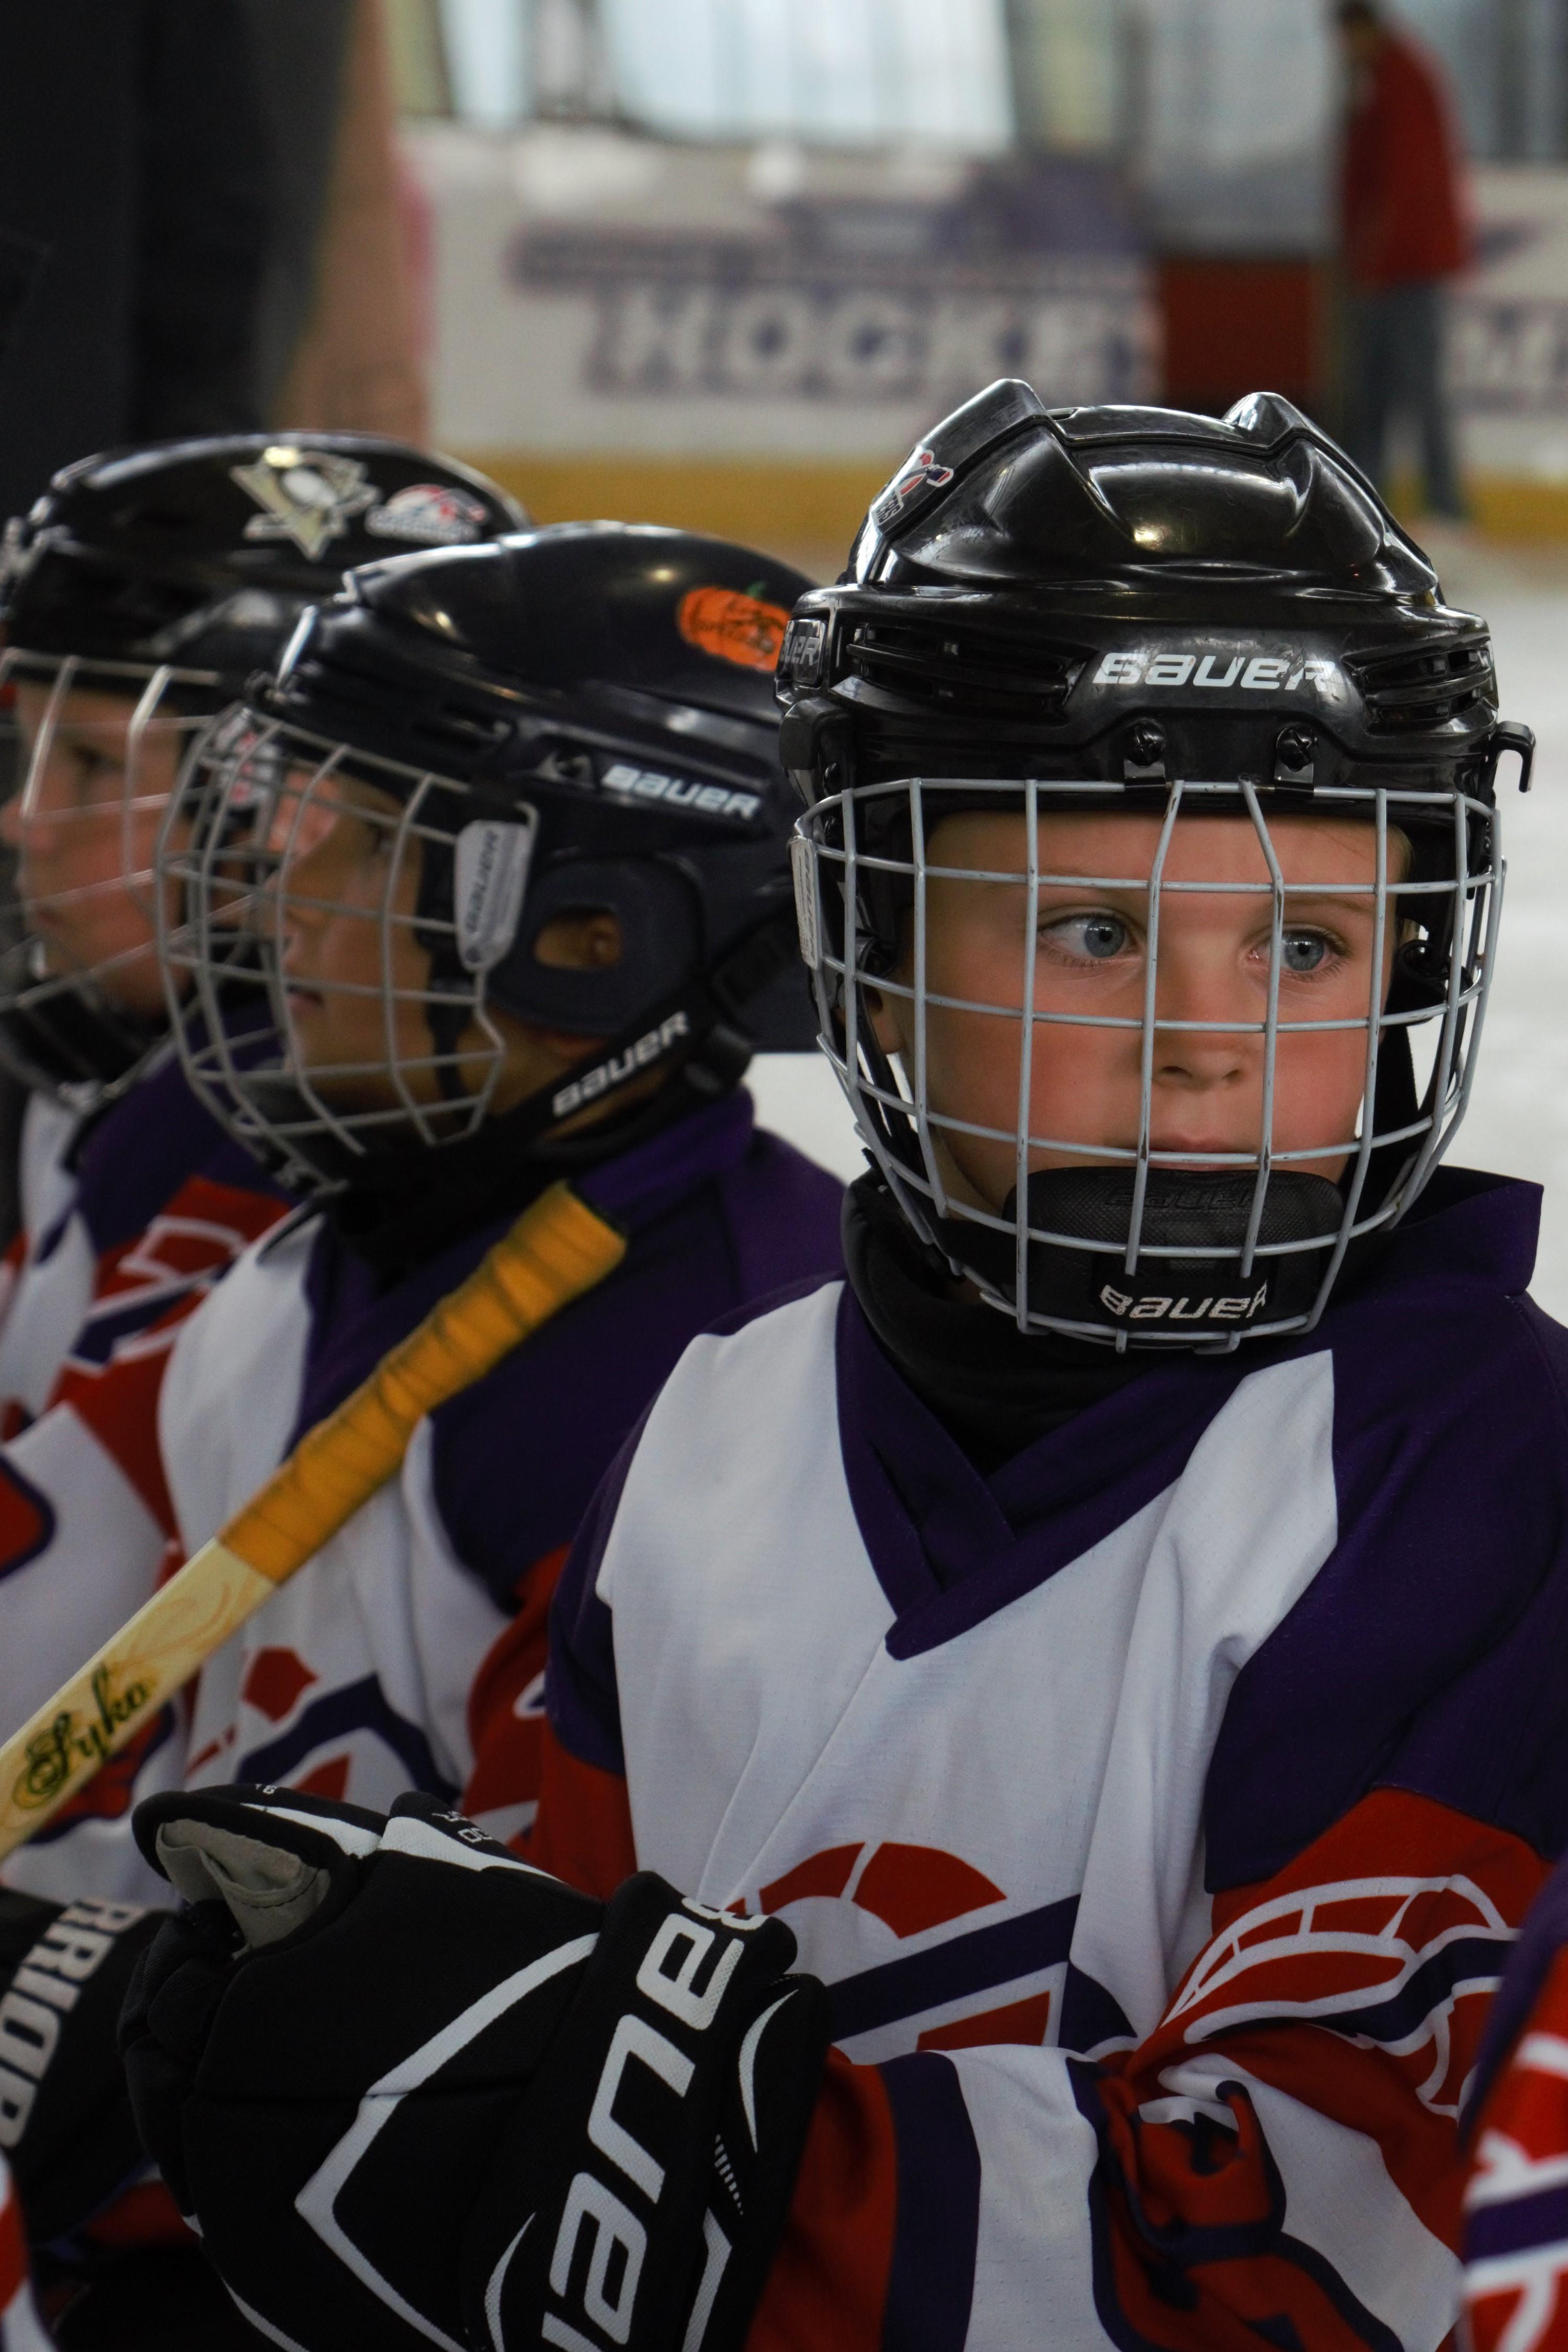 hokej turnaj Nymburk Speeders Bratislava47